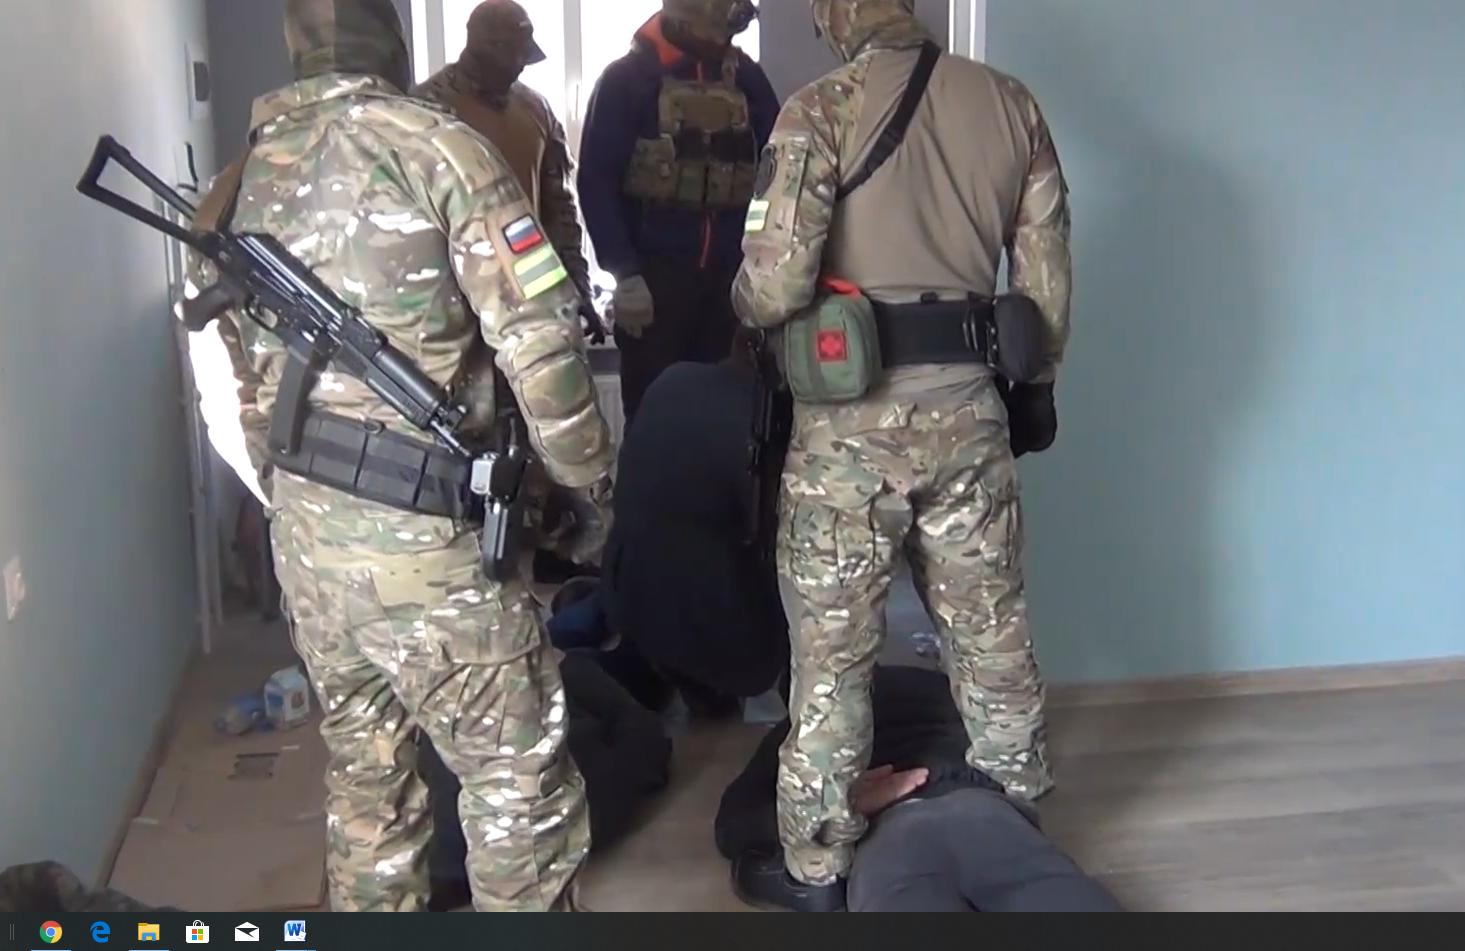 В Новороссийске против двух сотрудников пожнадзора возбуждено уголовное дело за мошенничество